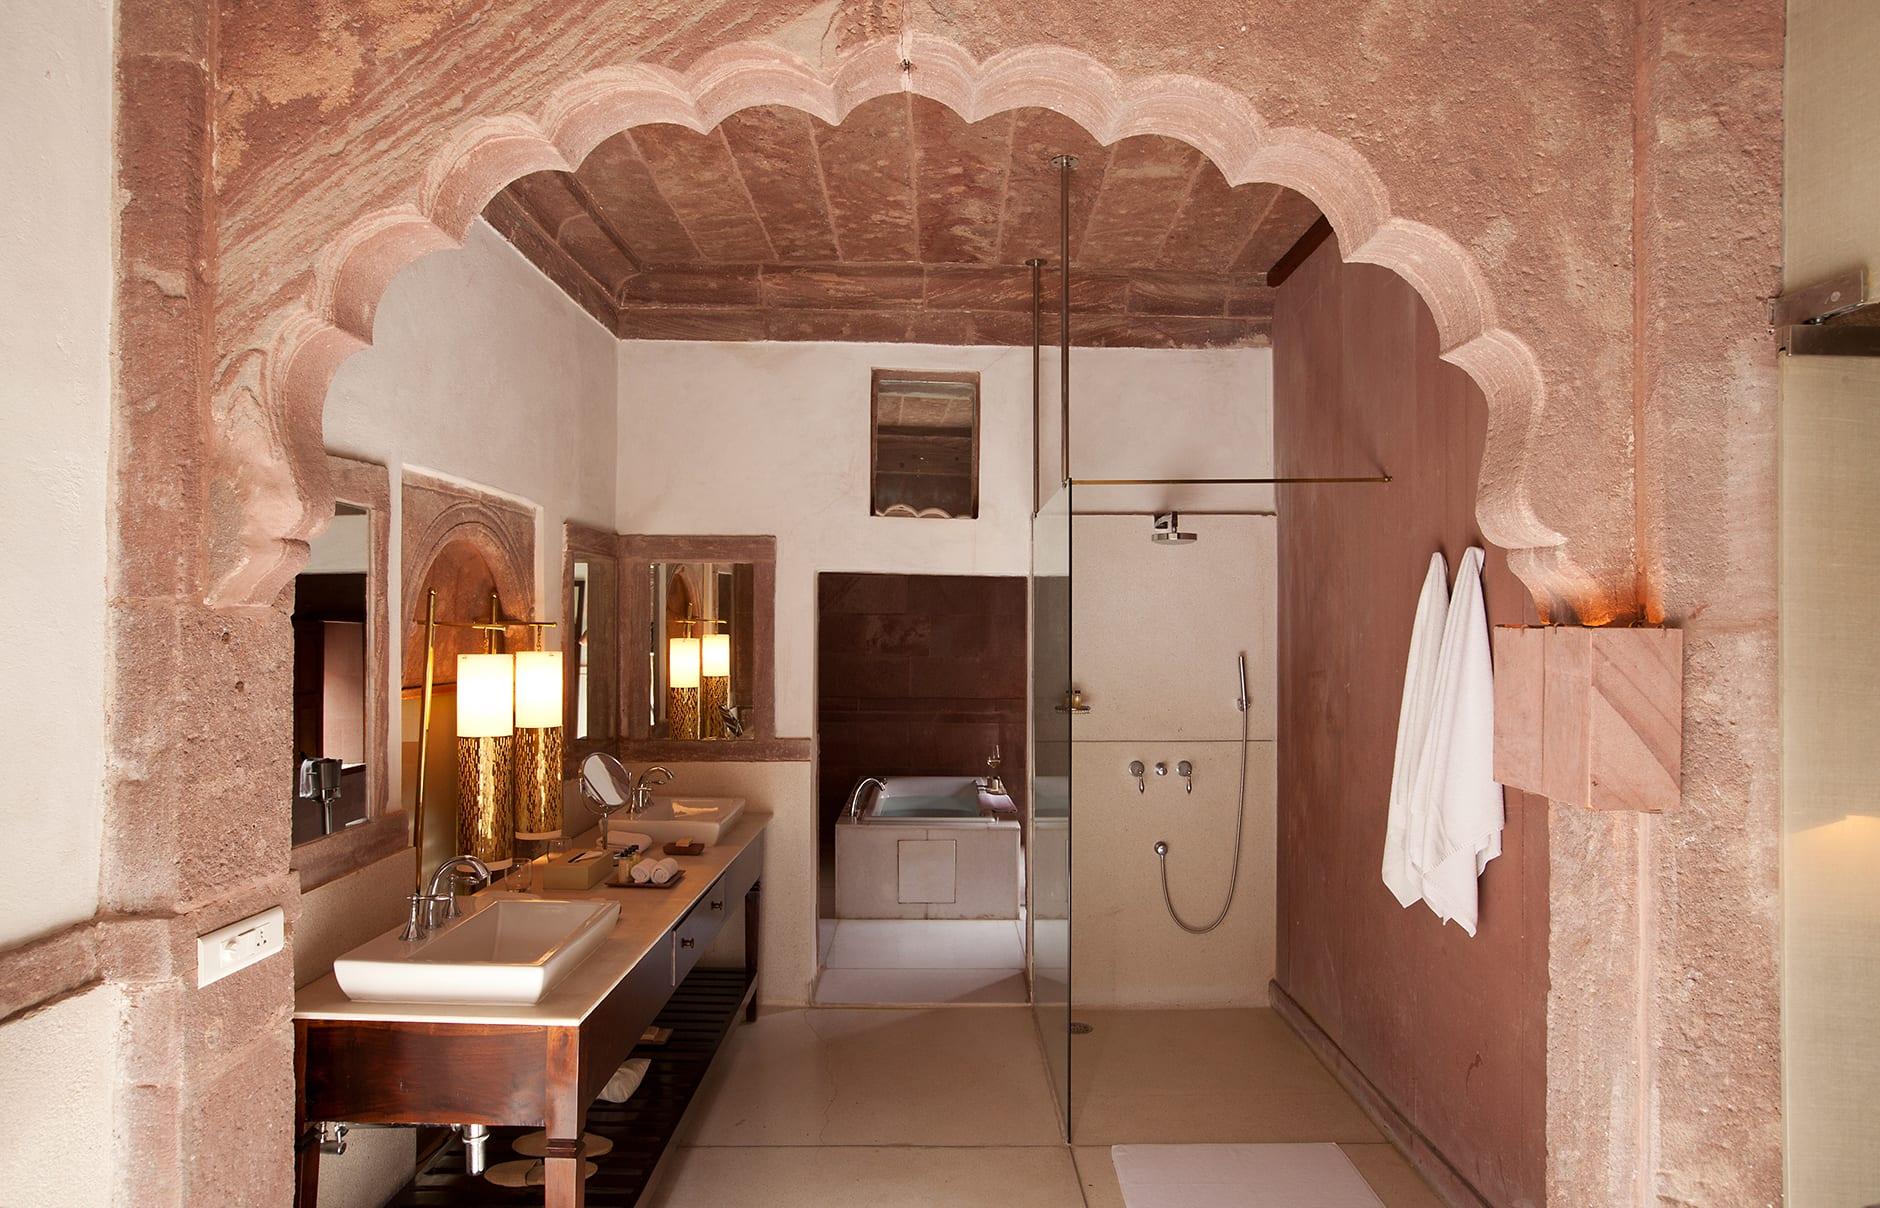 Heritage Suite bathroom. Raas Jodhpur, India. © Rass